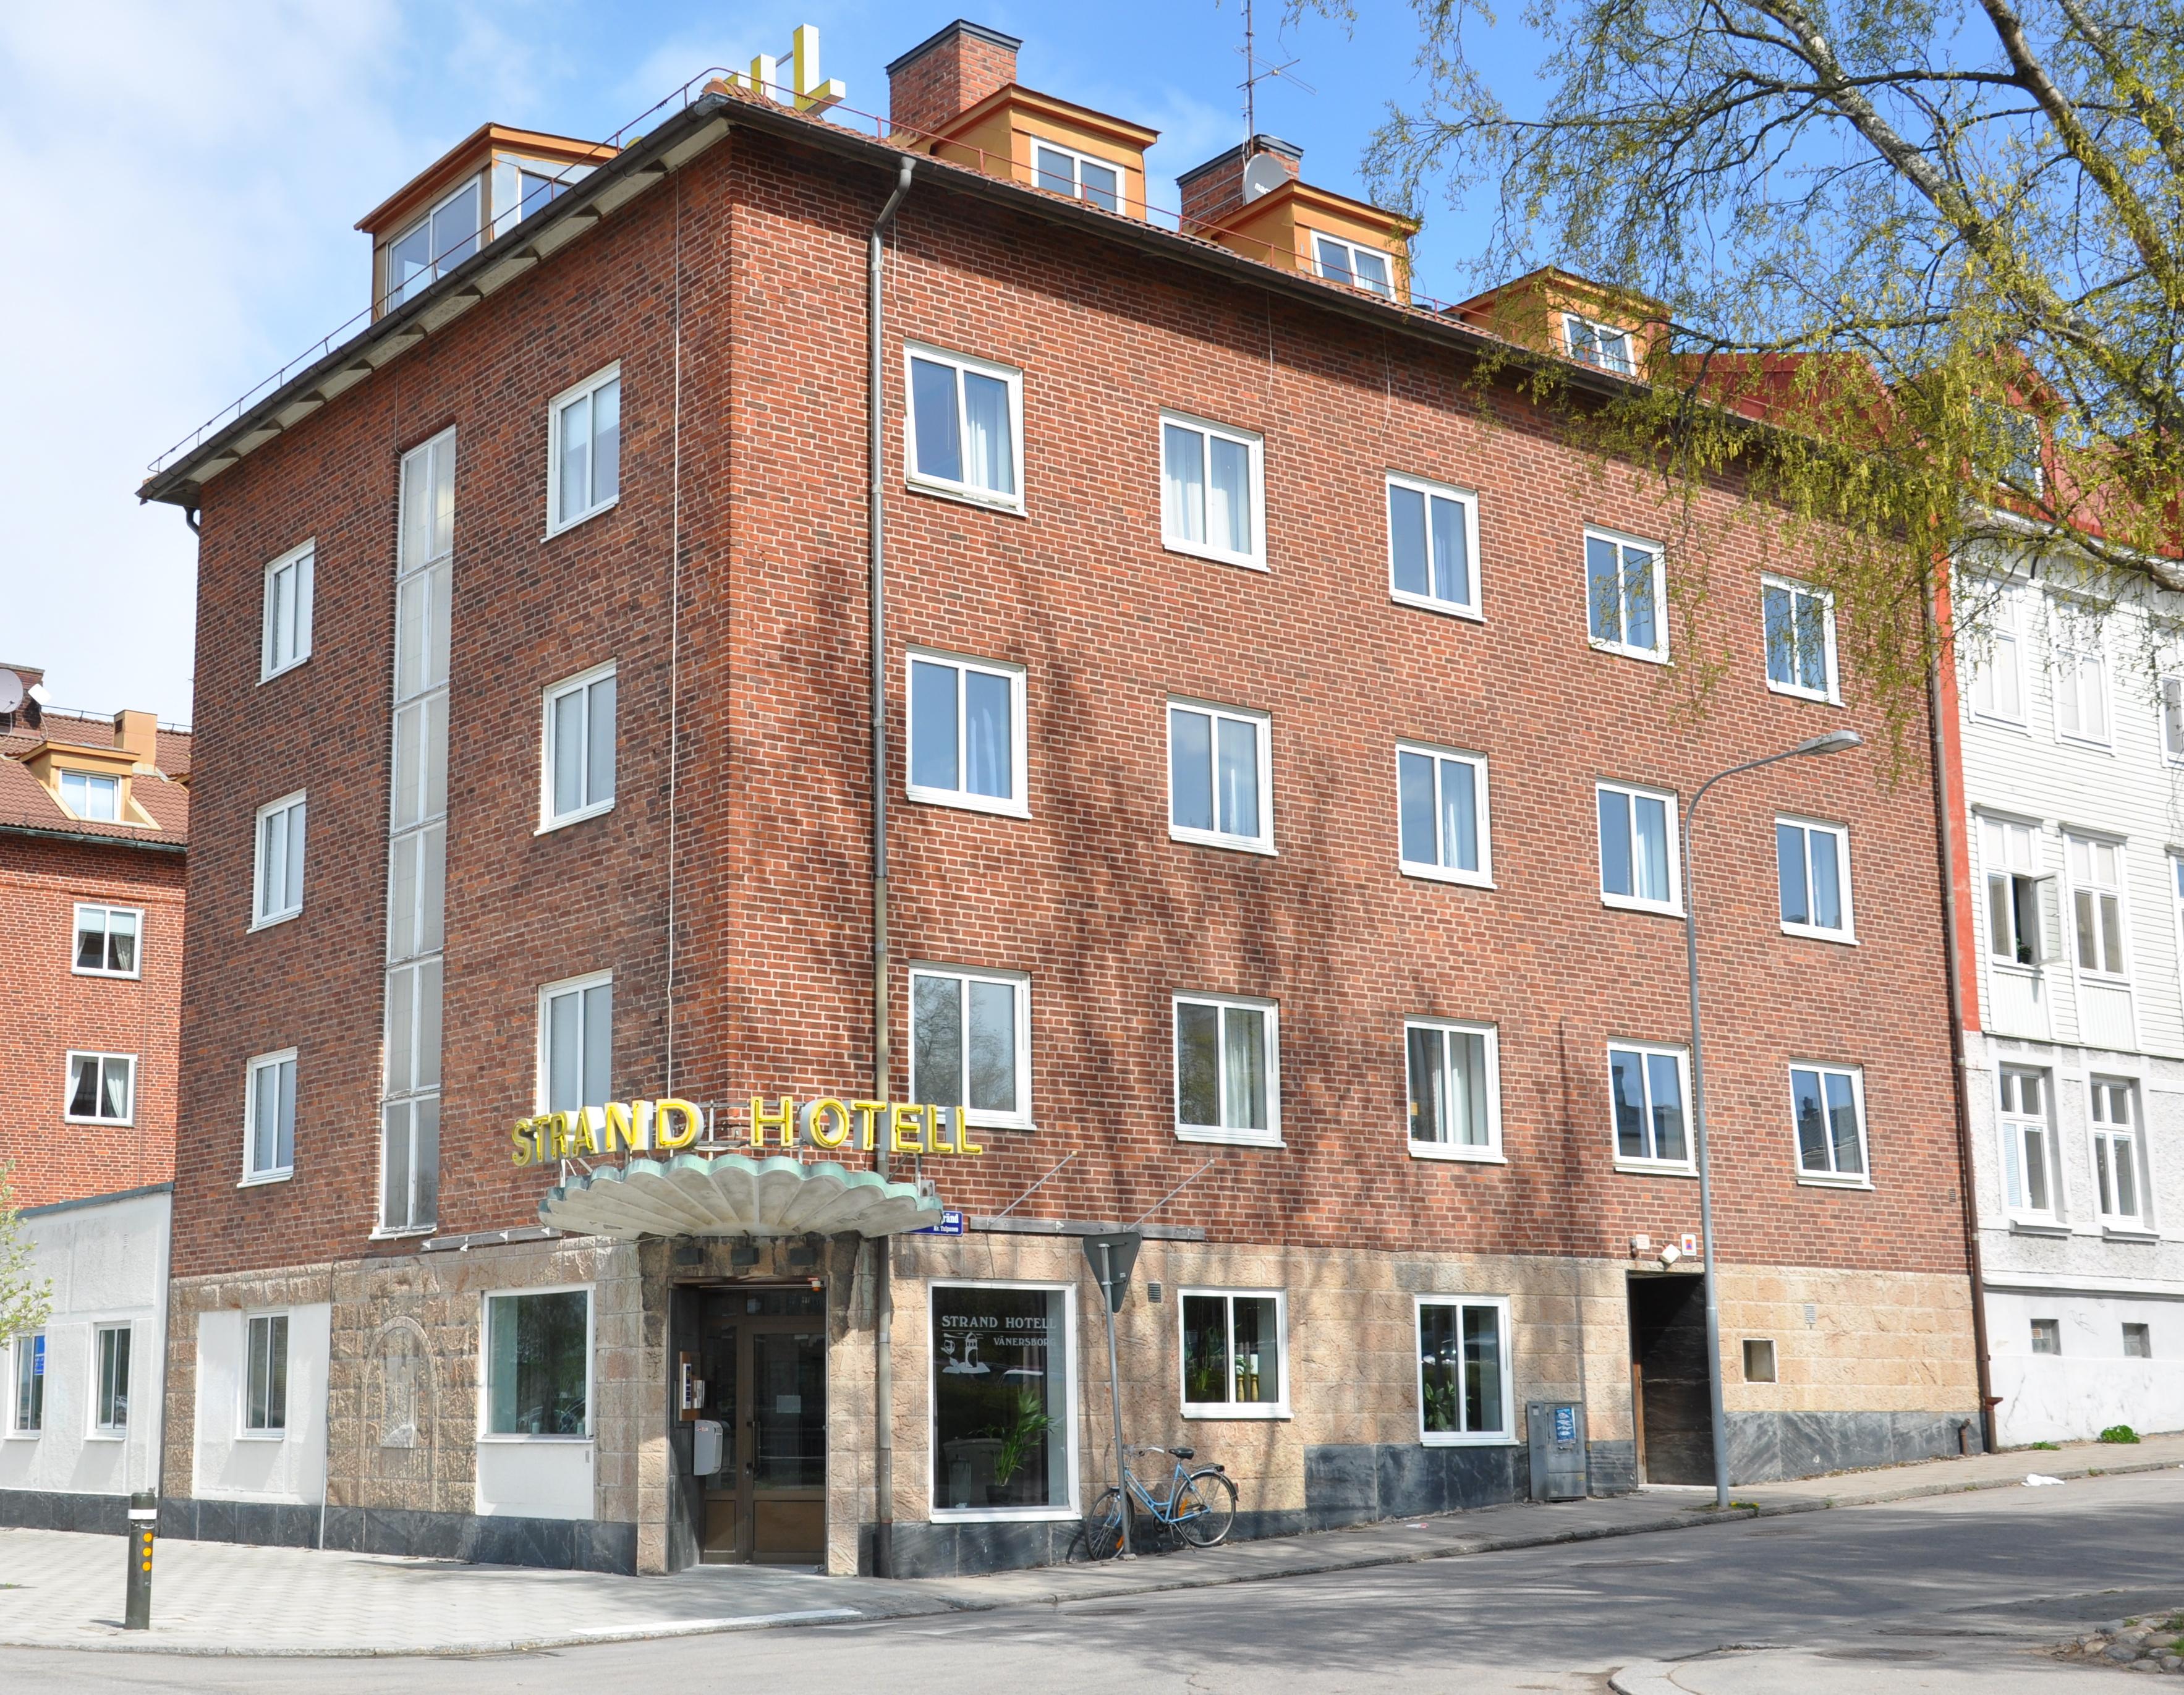 Sverige runt vanersborg 3